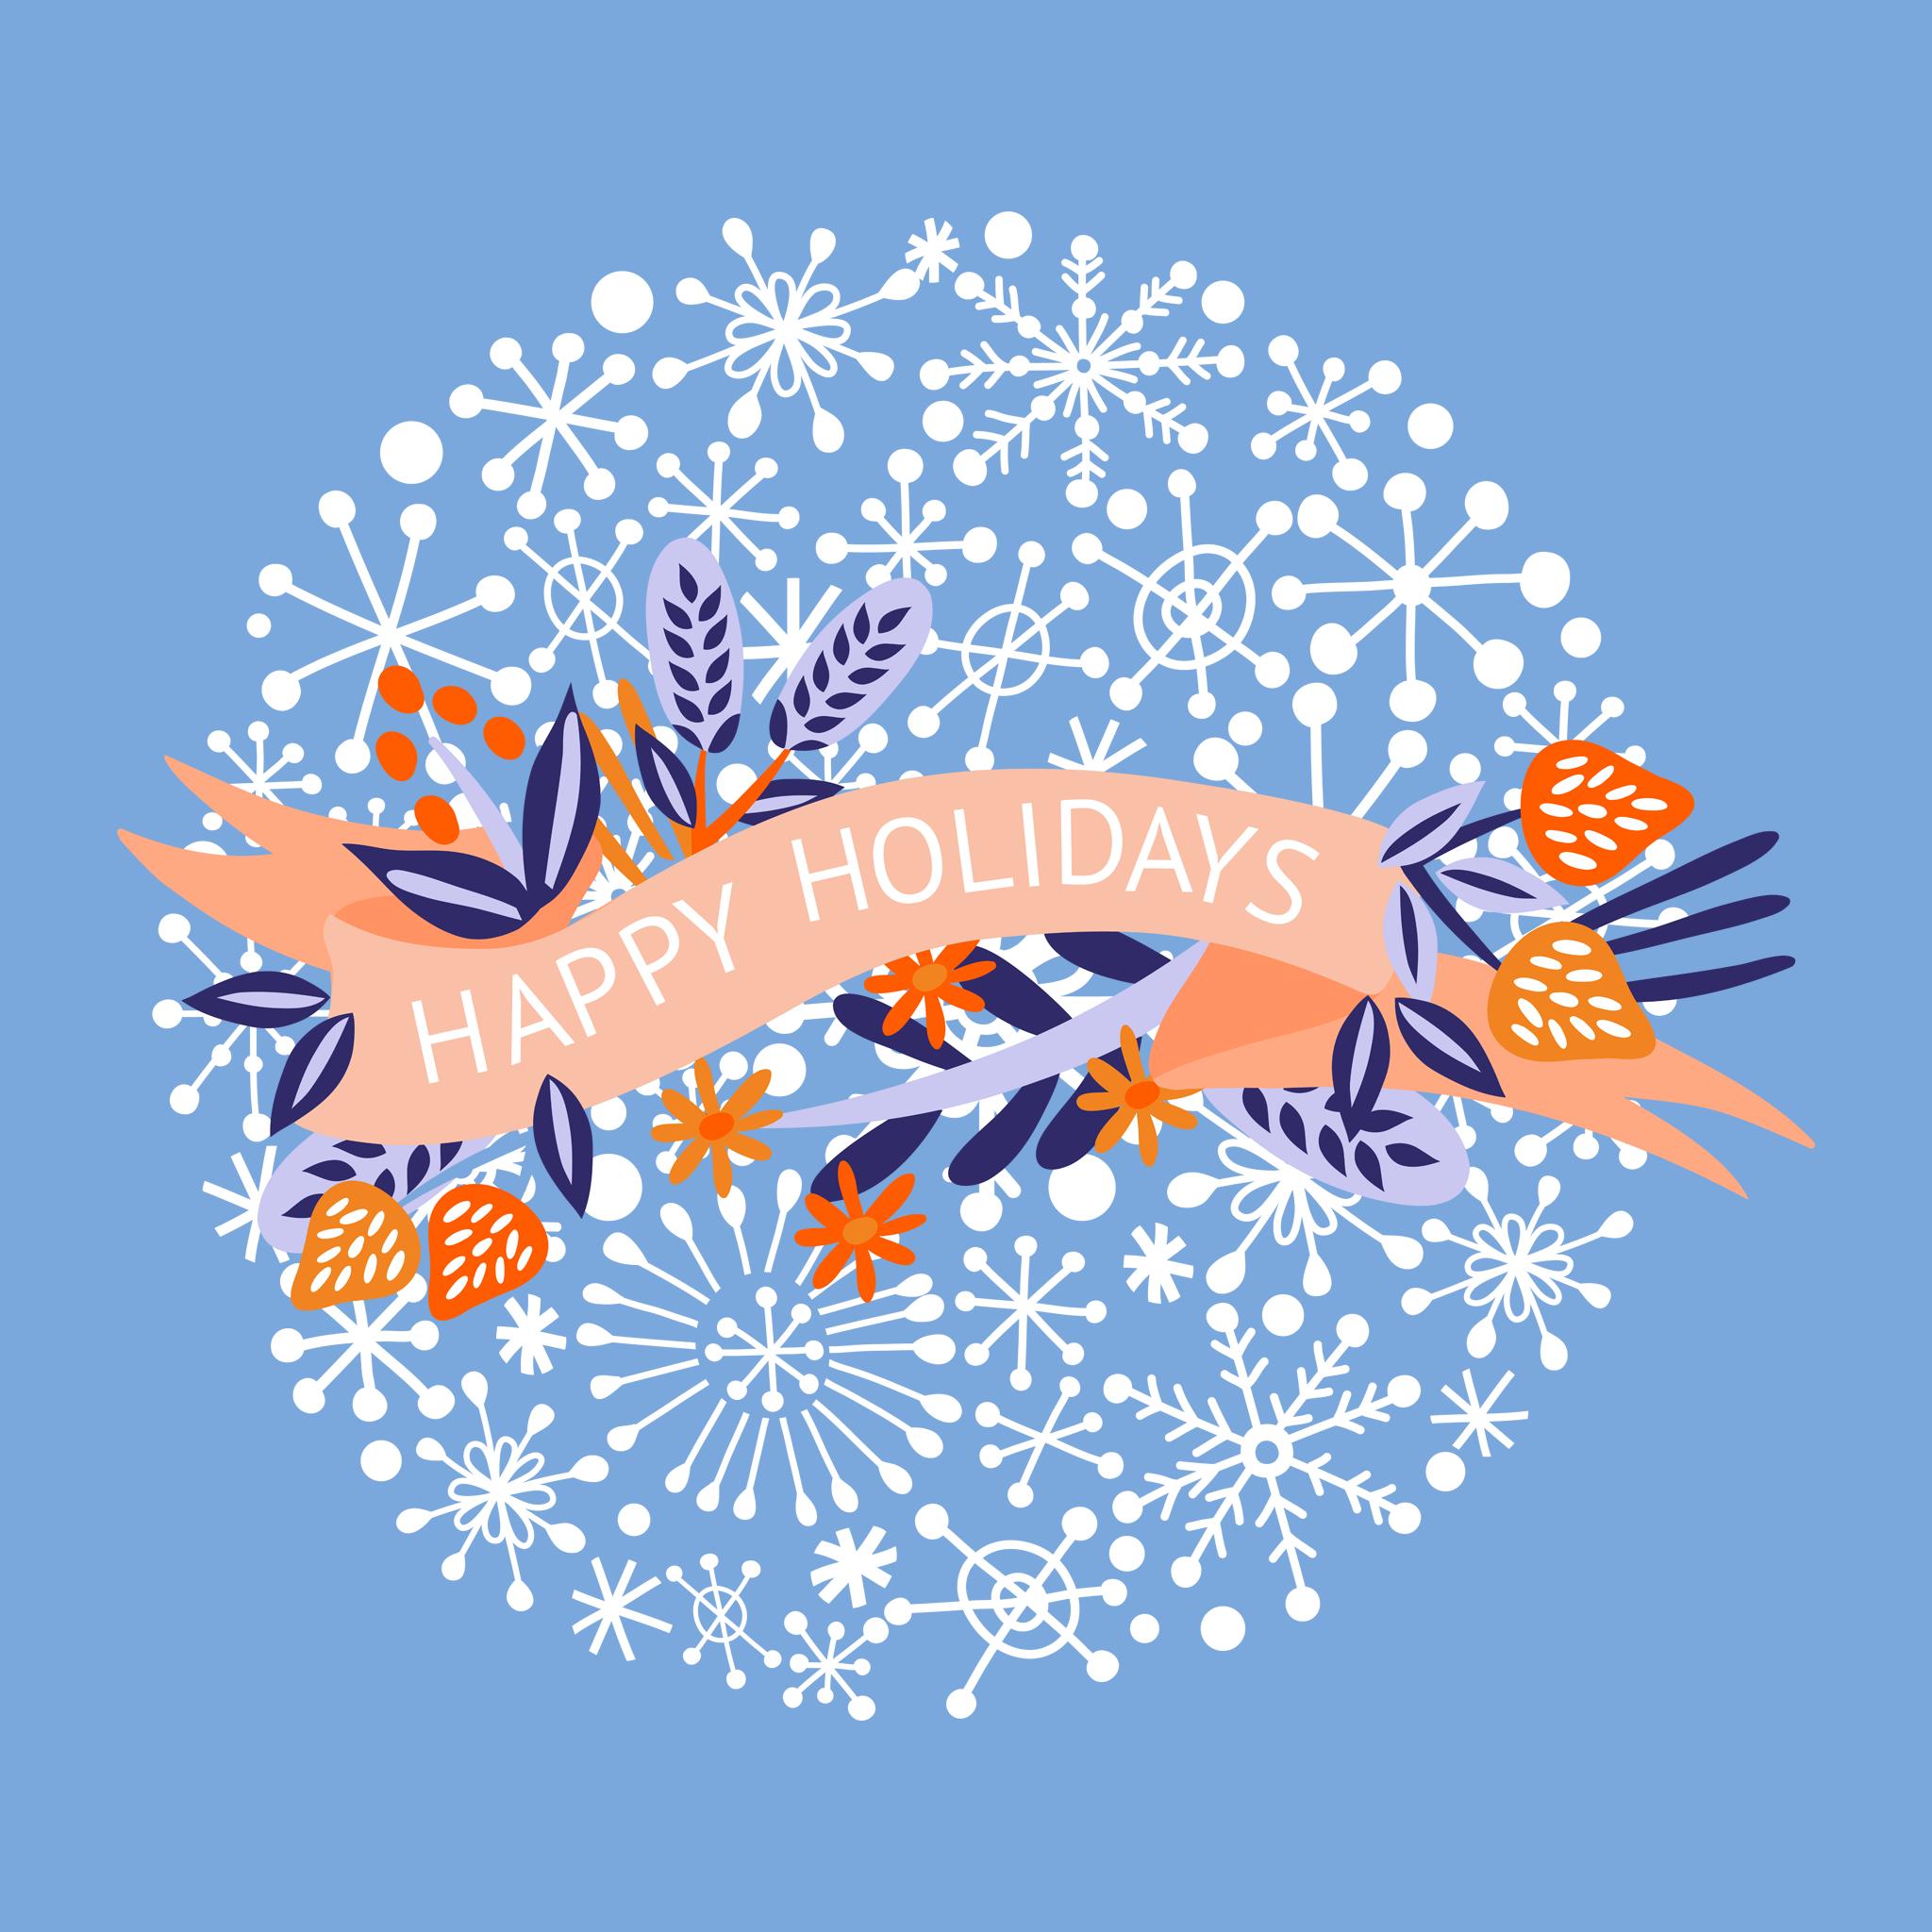 wallpaper happy holidays ipad 2048x2048